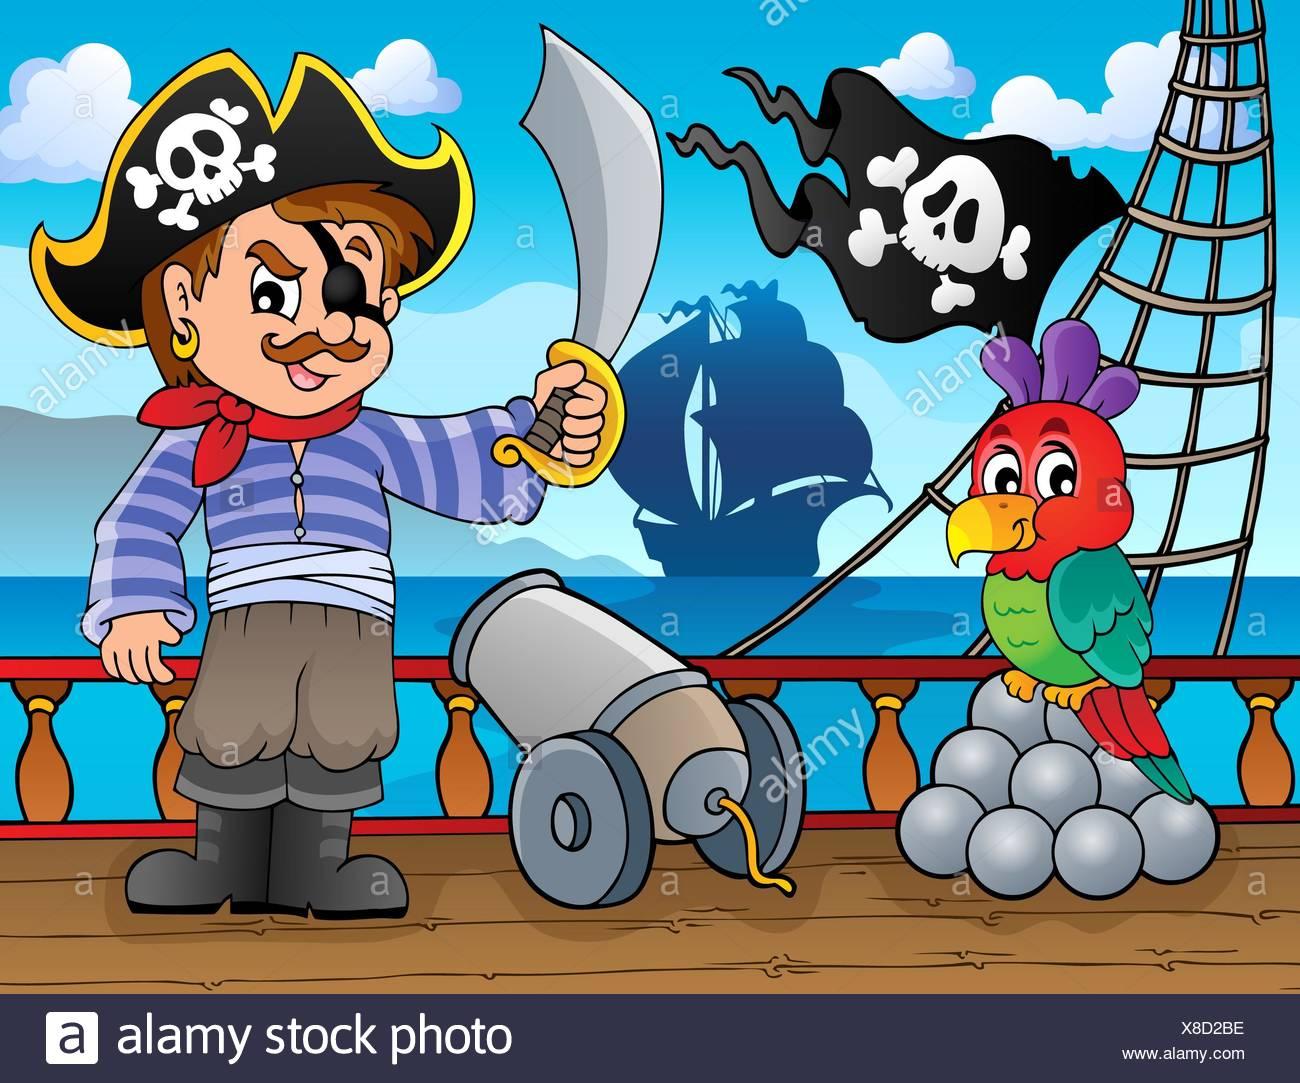 Piraten Schiff Deck Thema 3 - Bild-Darstellung. Stockbild